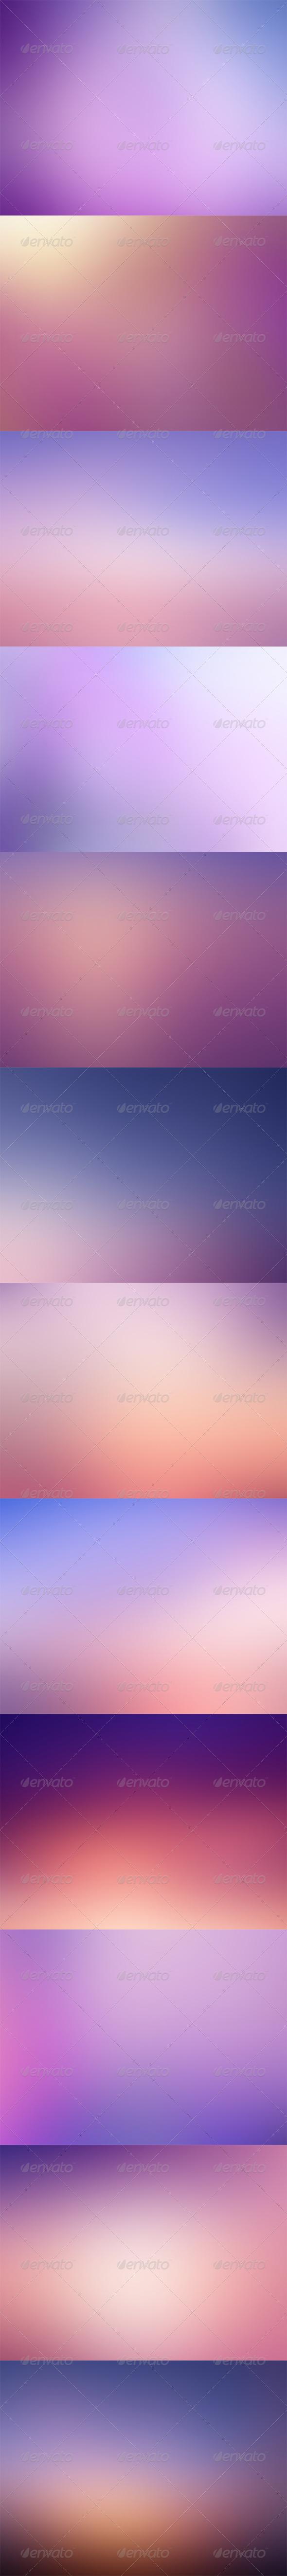 12 Purple Backgrounds - HD